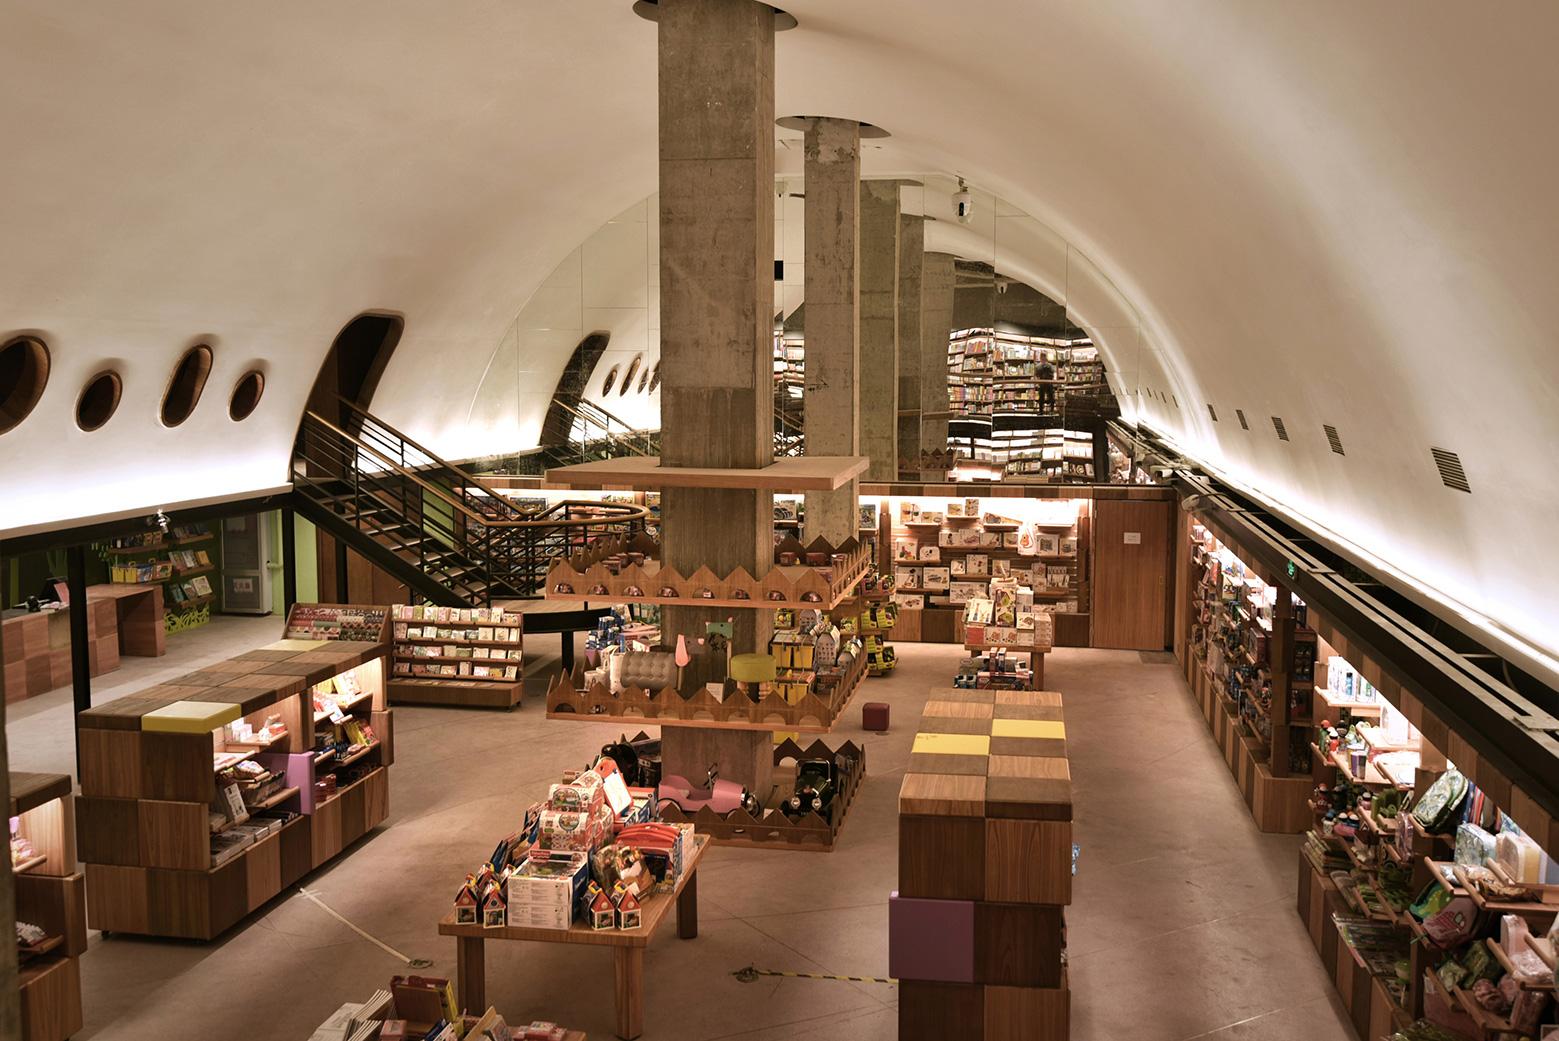 Fangsuo Book Store in Chengdu / Chu Chih-Kang (7)